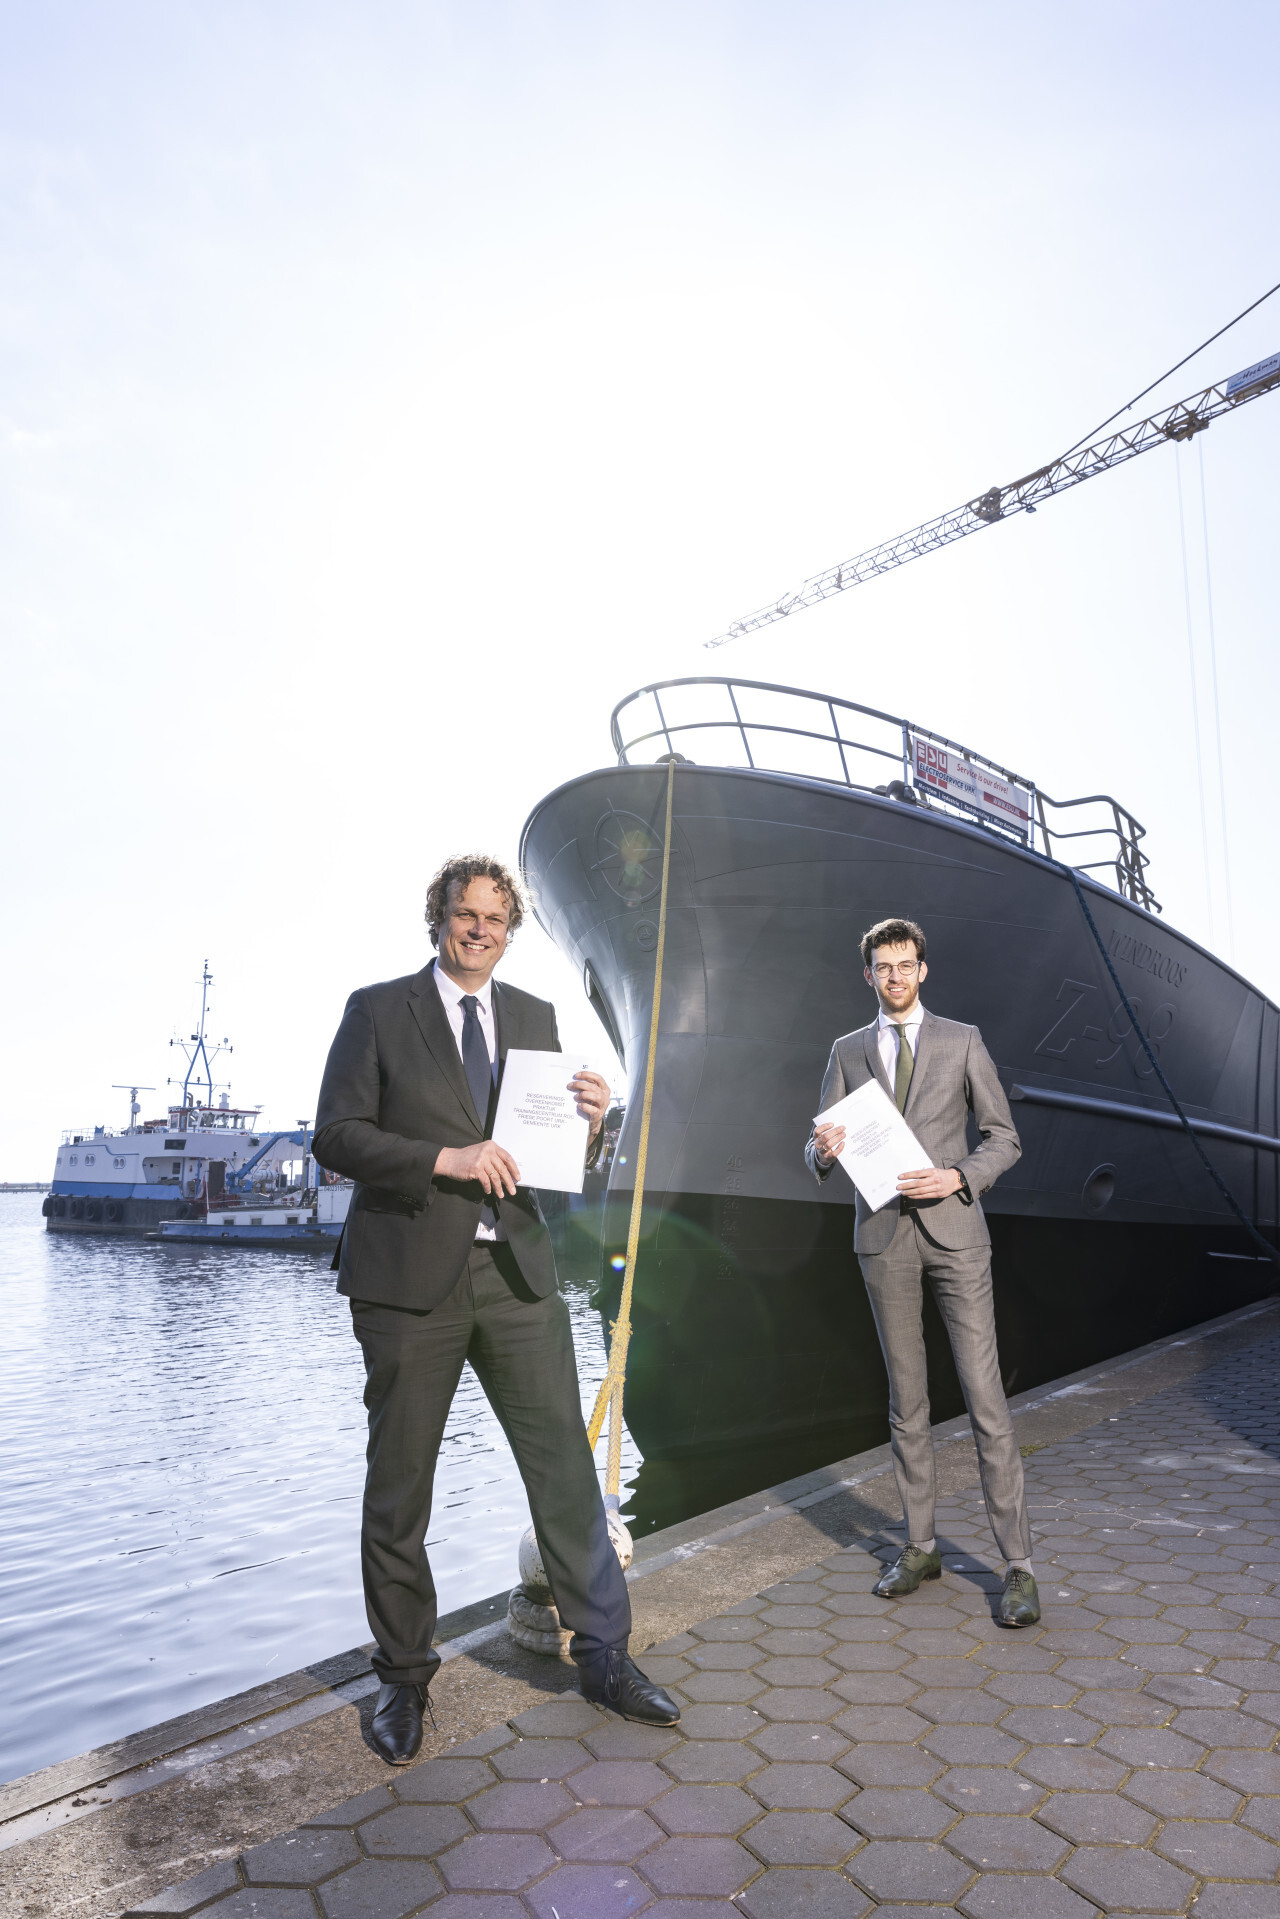 Remco Meijerink en wethouder Nathanaël Middelkoop poseren met het samenwerkingscontract (Foto Twitter / @ROCFriesePoort)